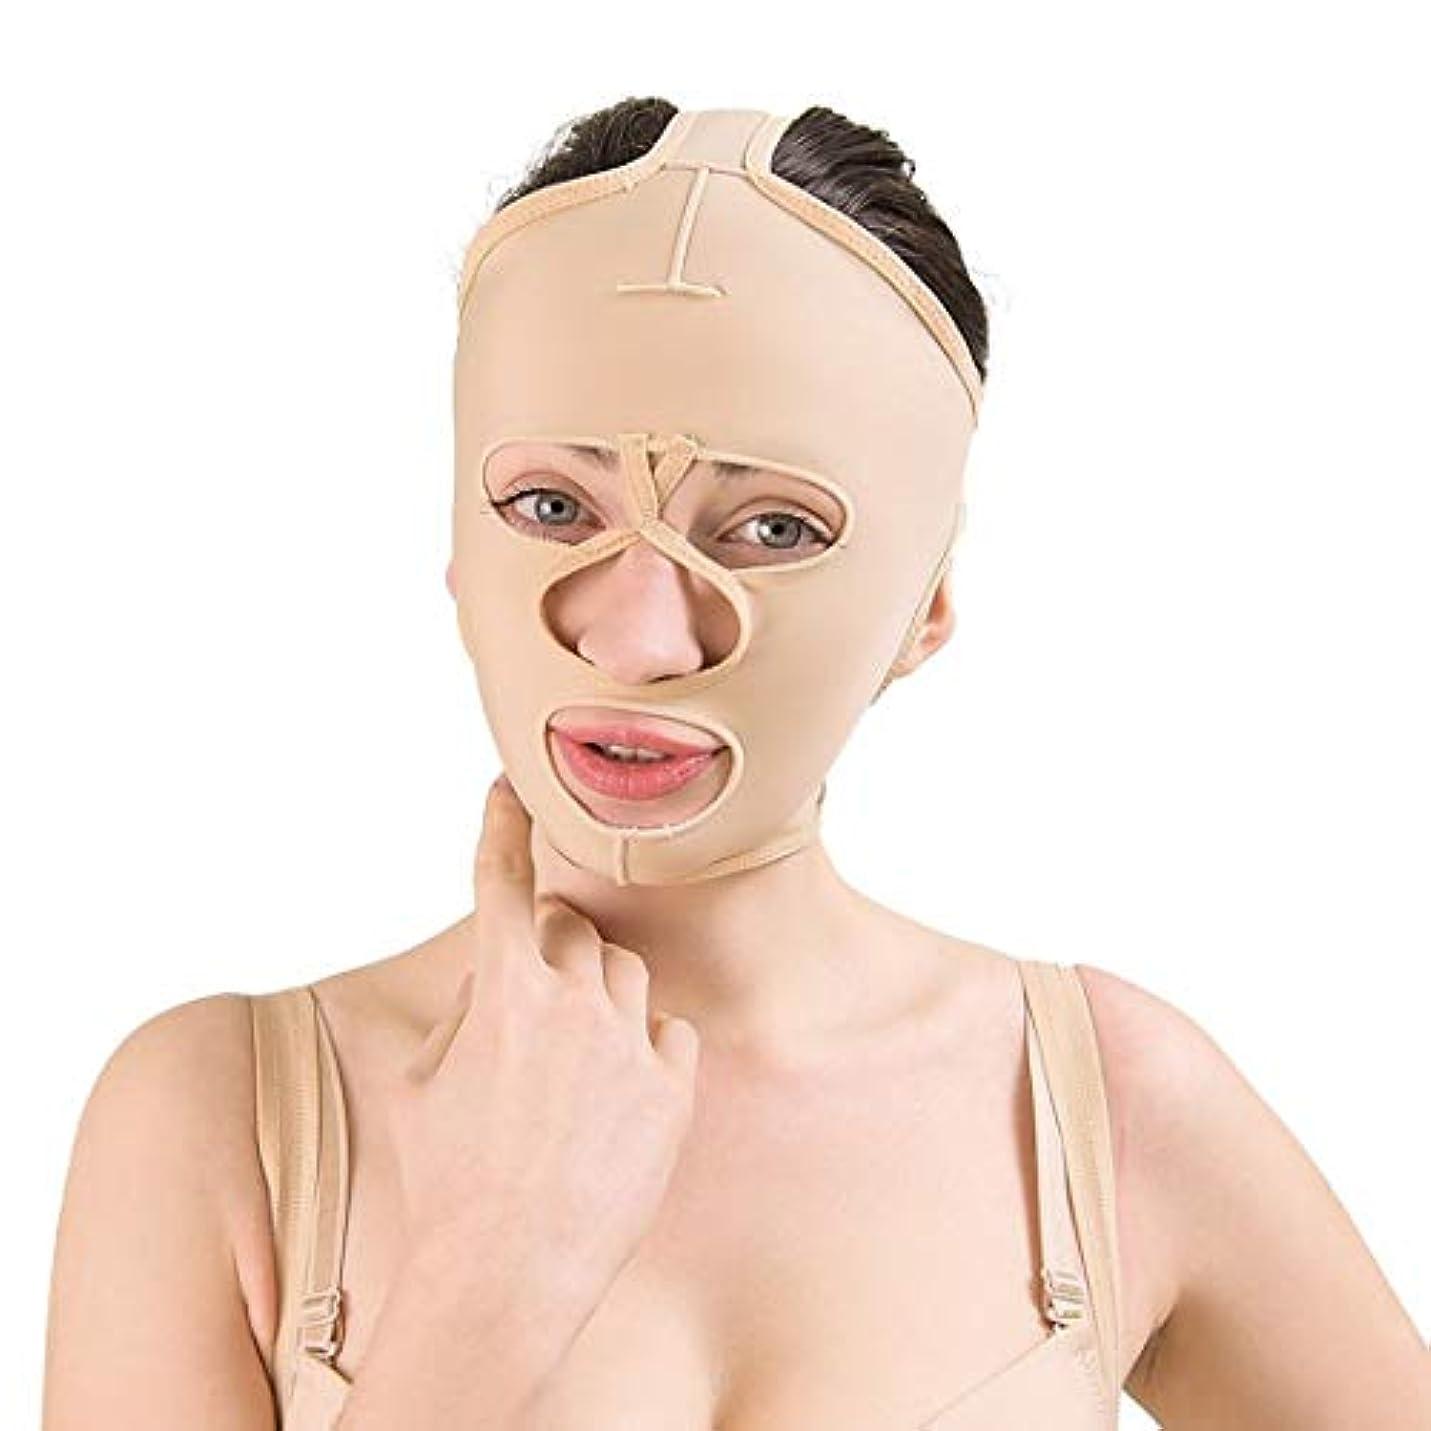 と闘う接触複雑ZWBD フェイスマスク, フェイスリフト包帯医療弾性スリーブ顔面下顎形成外科術後圧縮下顎スリーブ補助修復マスクしわを削除する (Size : S)